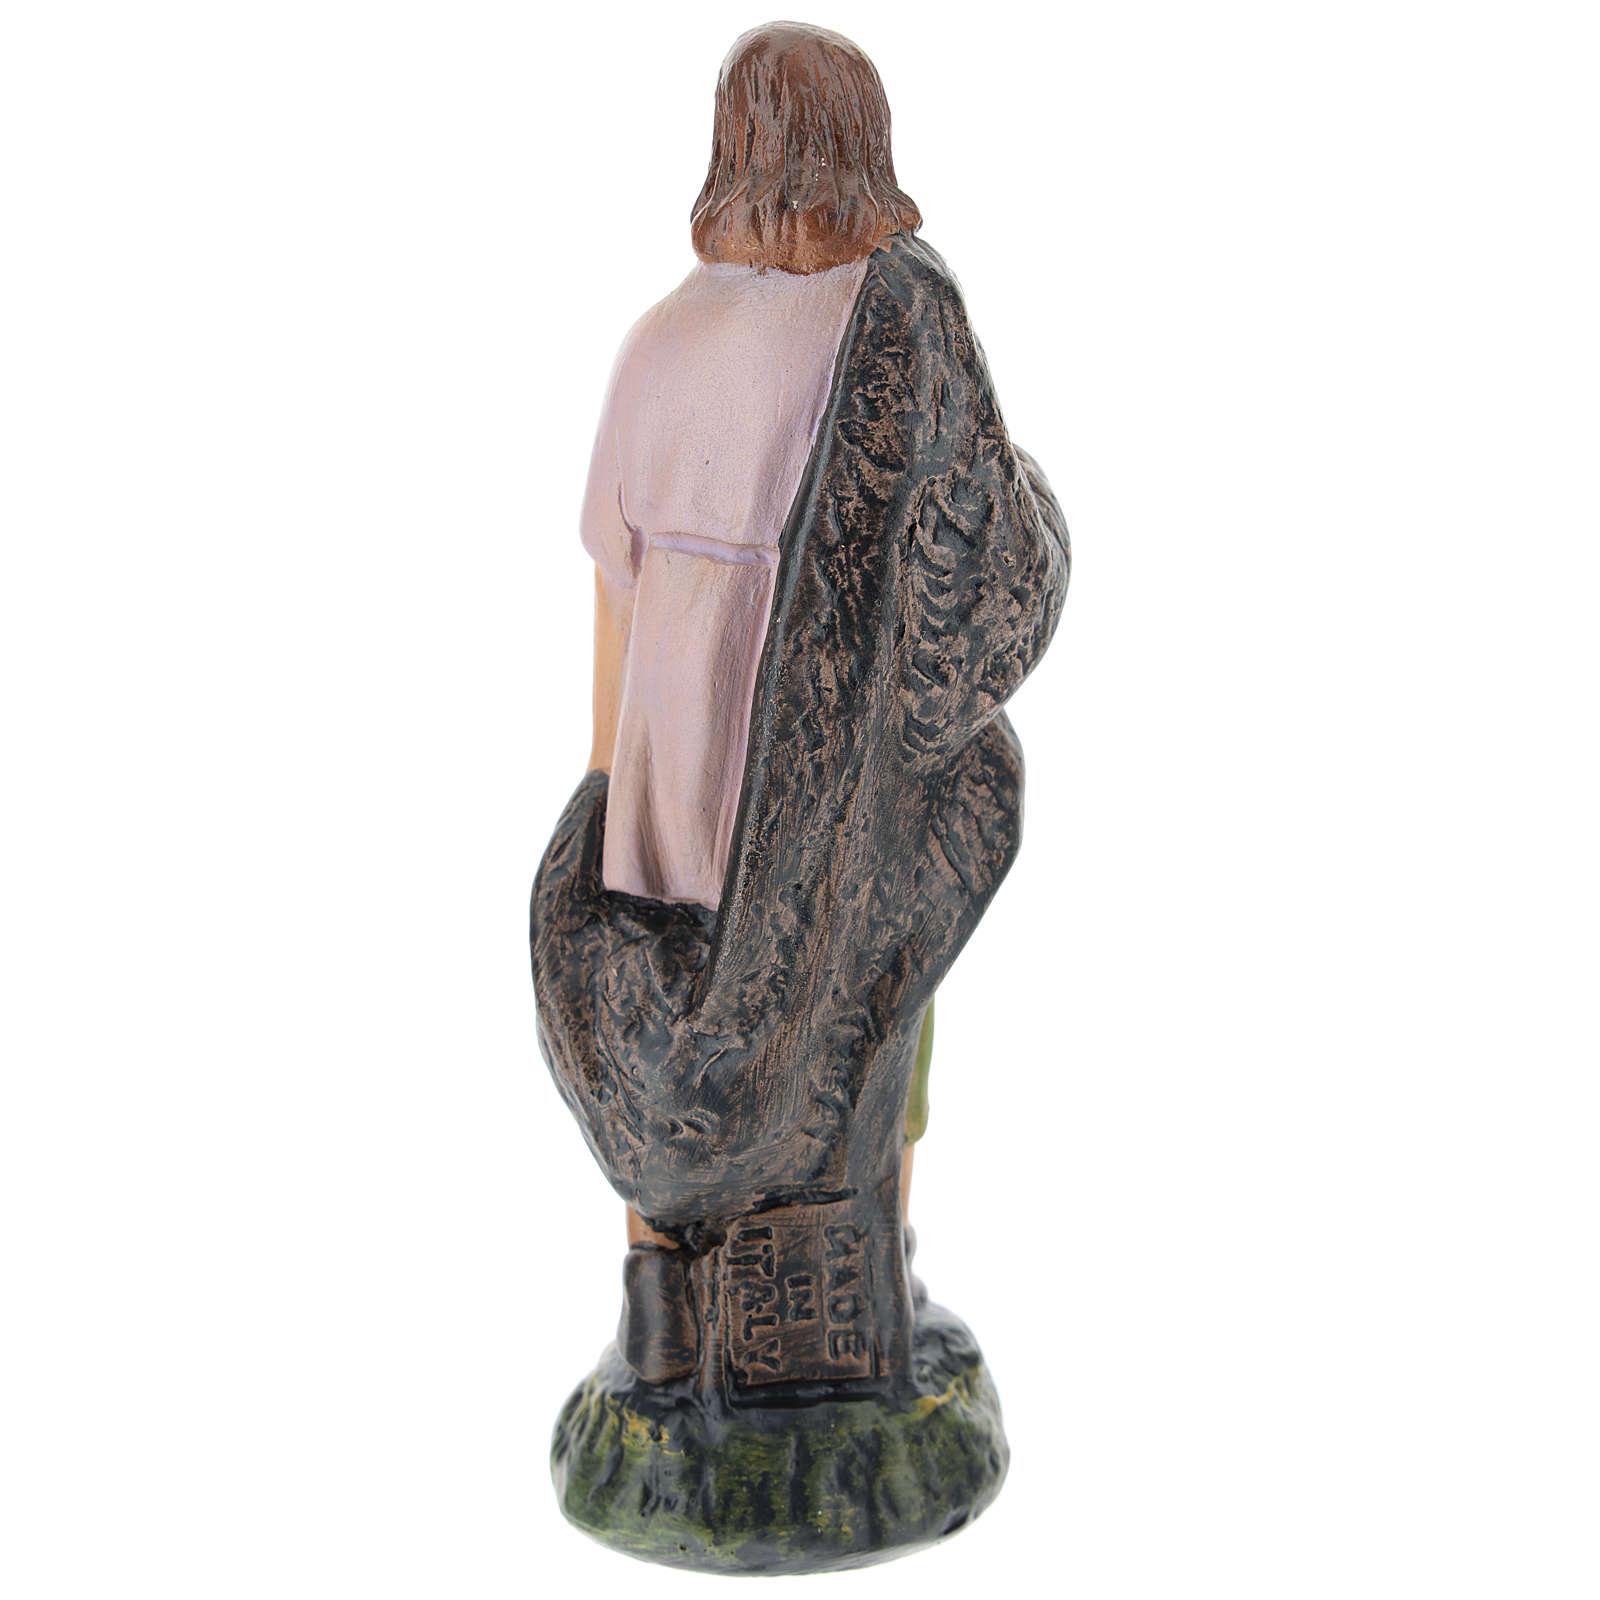 Statua pastore gesso dipinto a mano per presepi di Arte Barsanti 15 cm 4